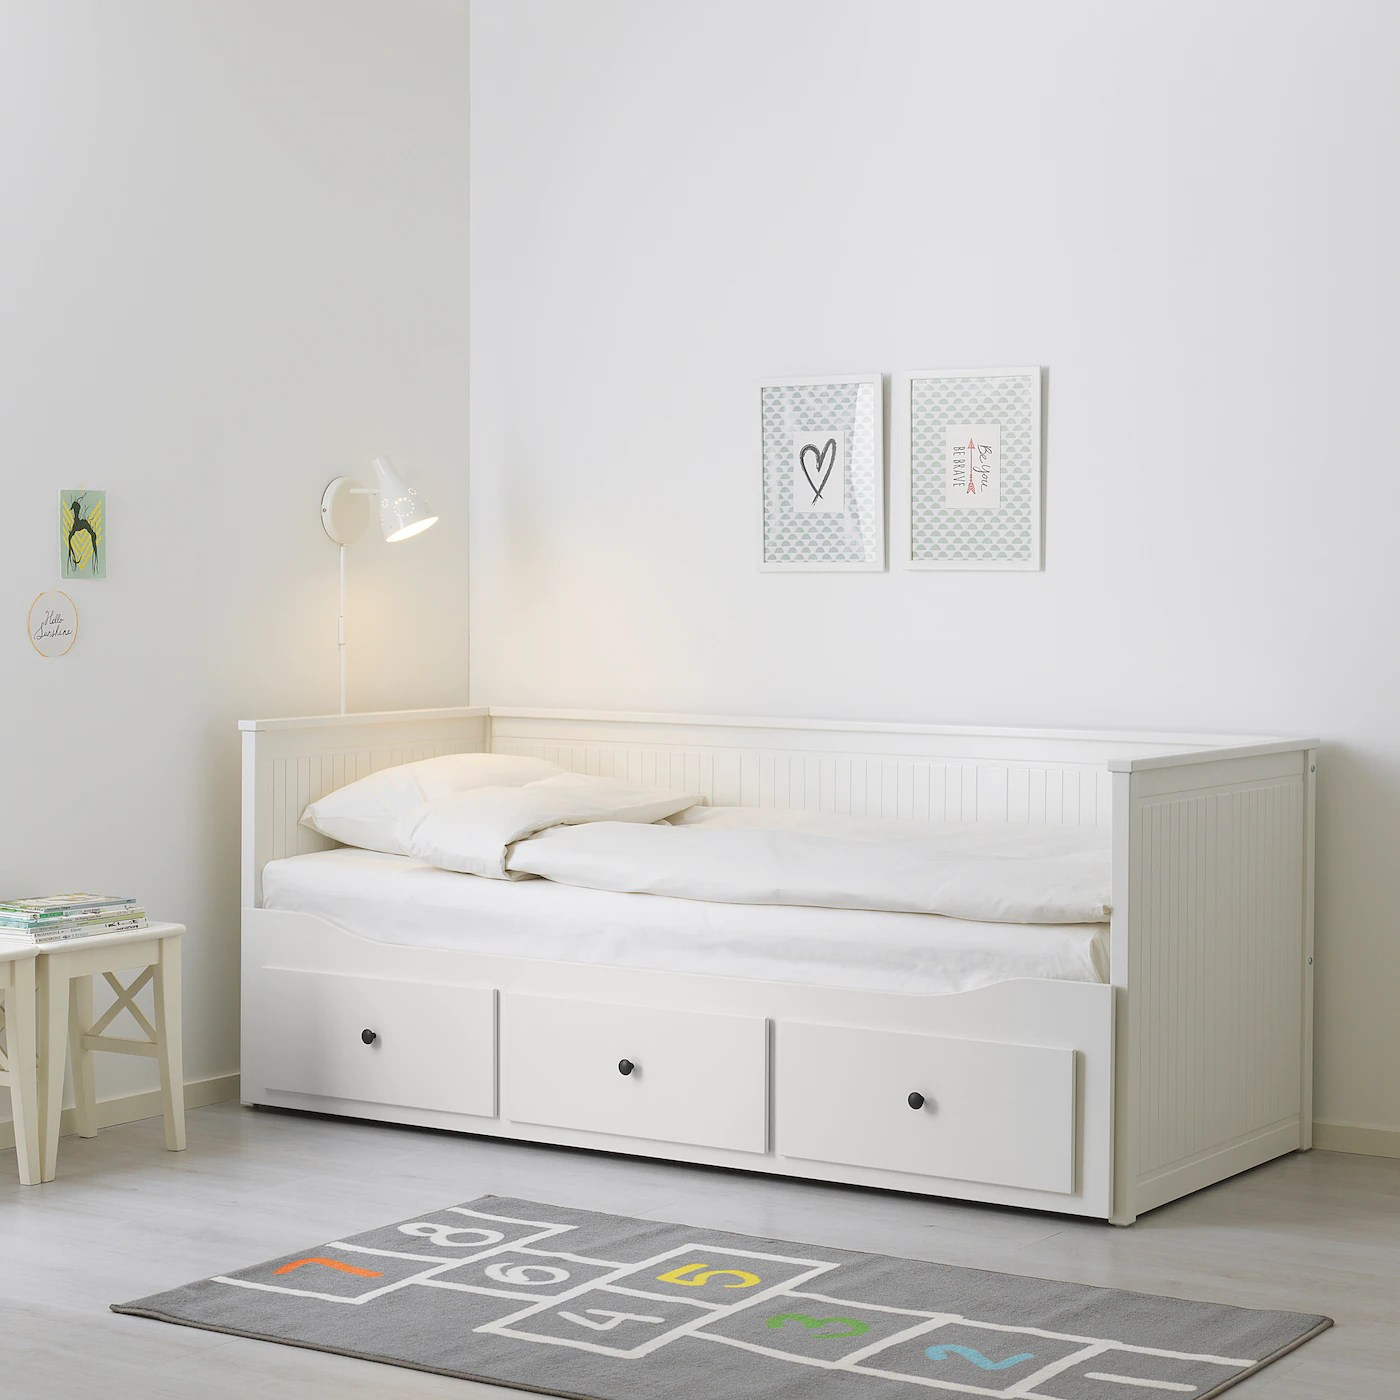 Hemnes Lit Banquette 2 Places Structure Blanc 80x200 Cm Ikea